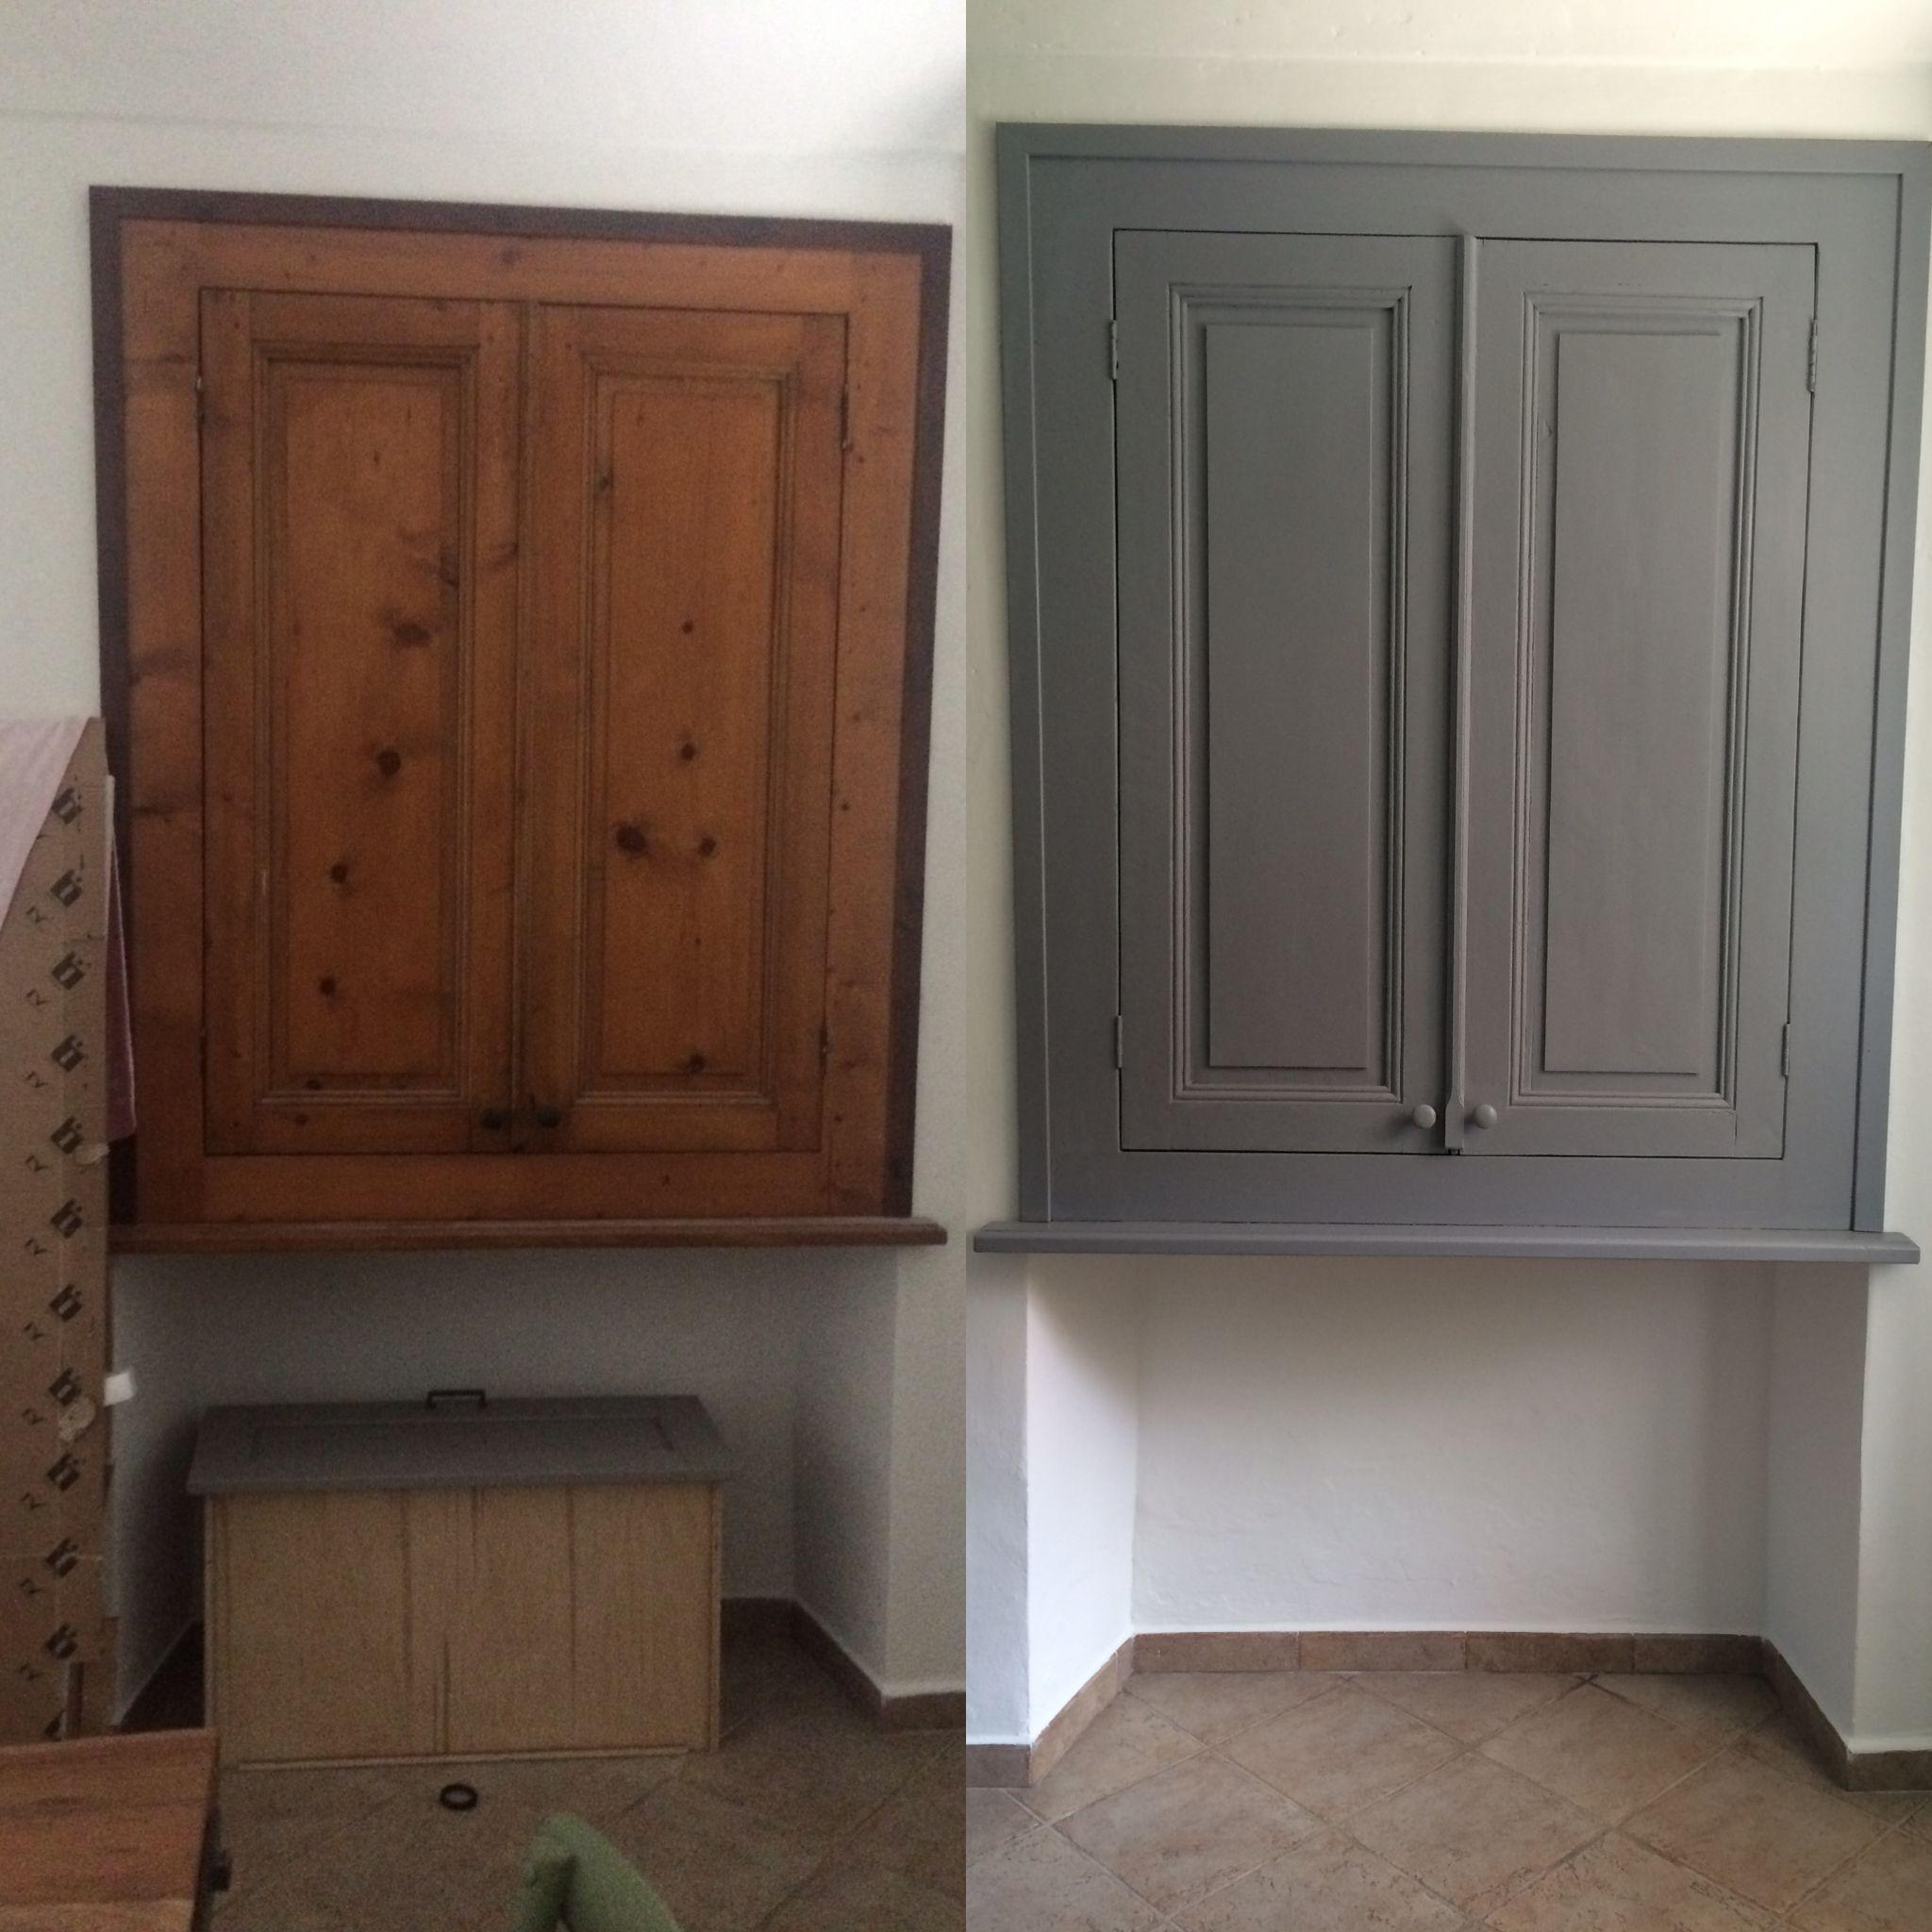 Armadio A Muro Per Cucina.Ante Armadio A Muro Cucina Prima E Dopo Tecnica Shabby Con Vernice